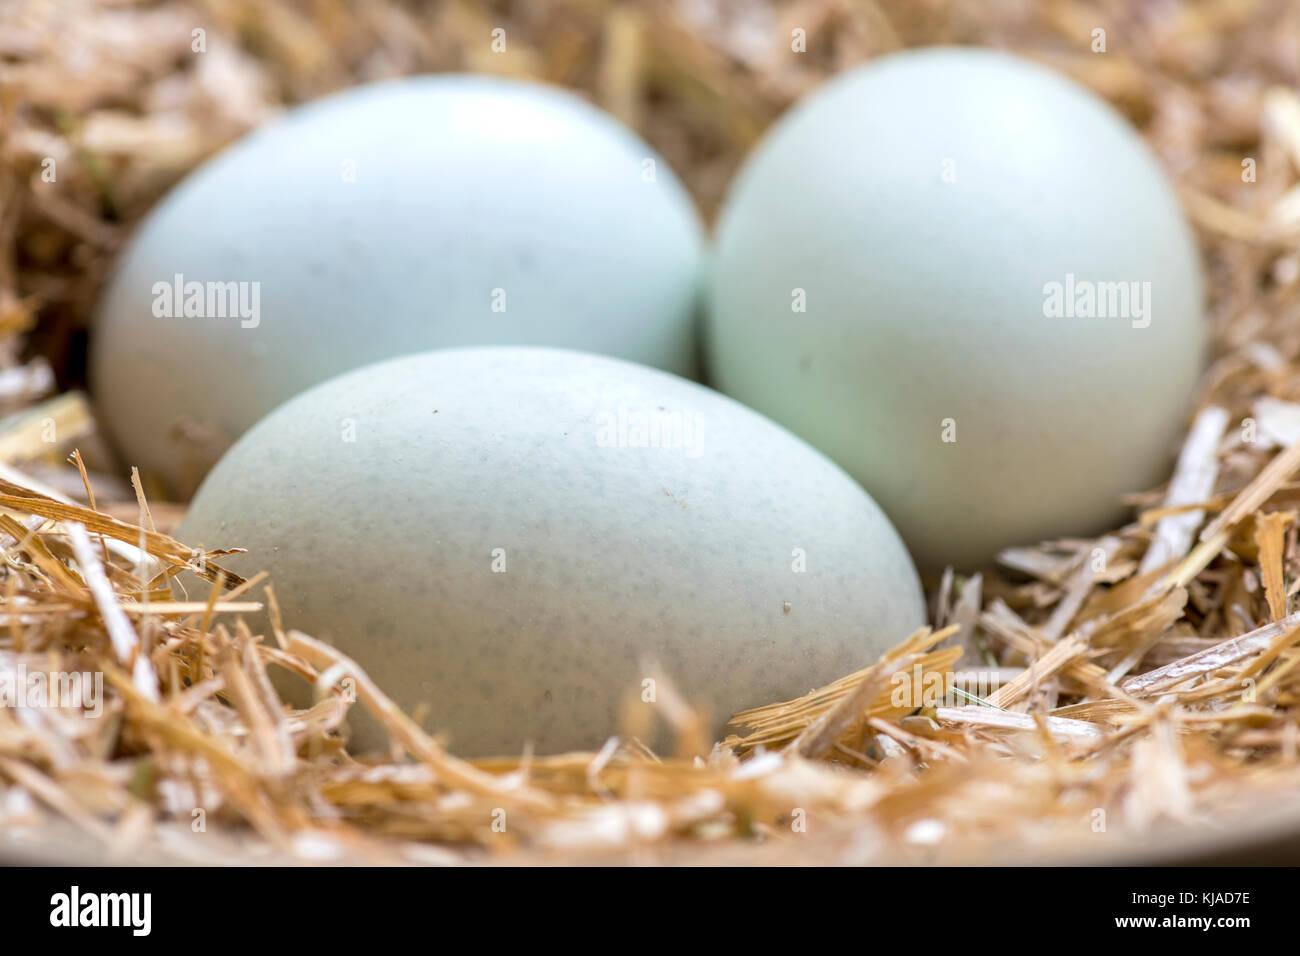 Drei Blaue Eier In Einem Nest Aus Heu Die Thesen Rassen Legbar